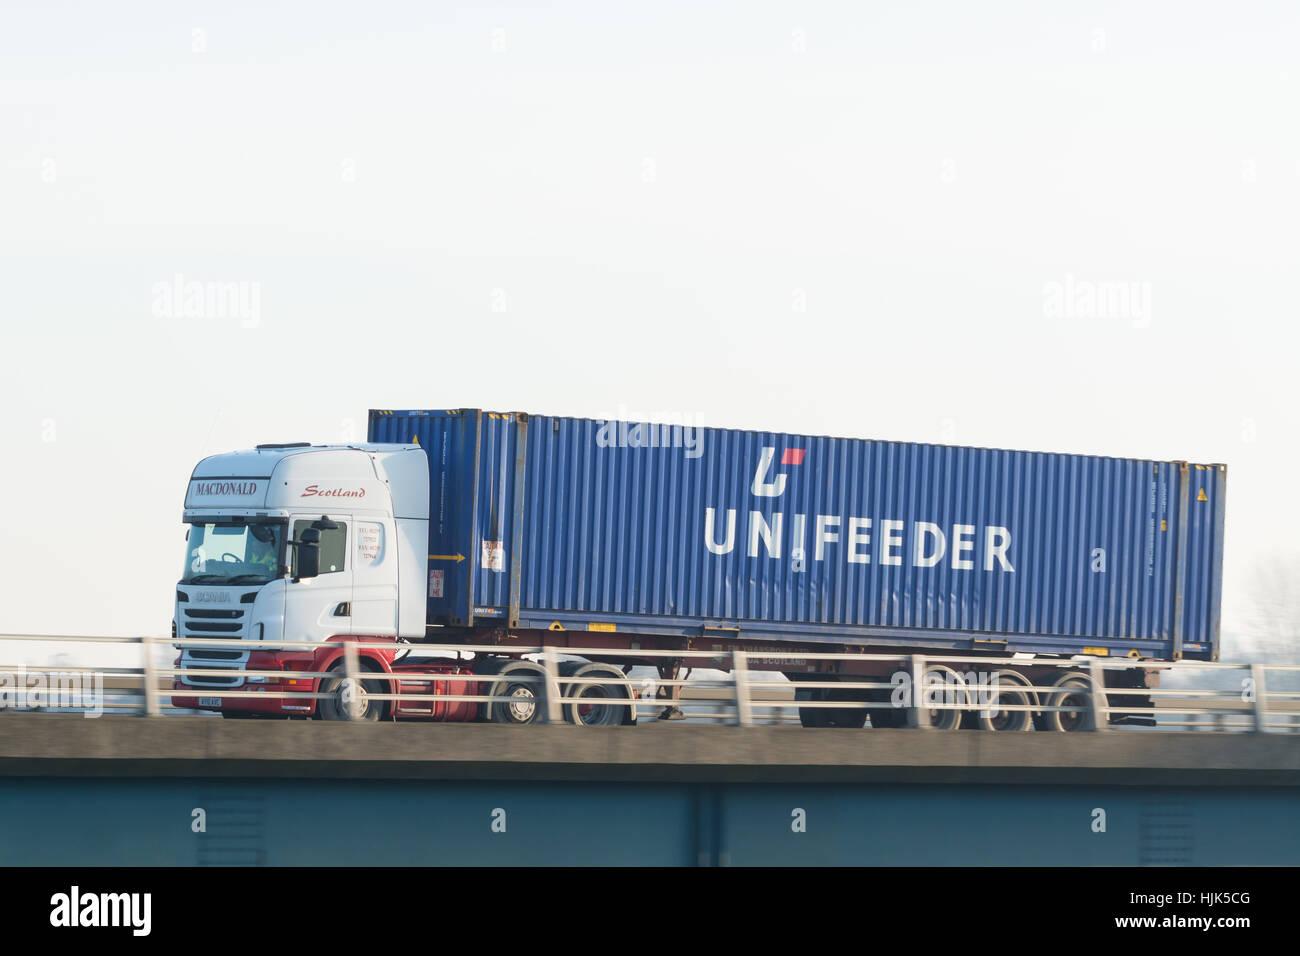 Unifeeder Versandbehälter auf LKW - Schottland, UK Stockbild